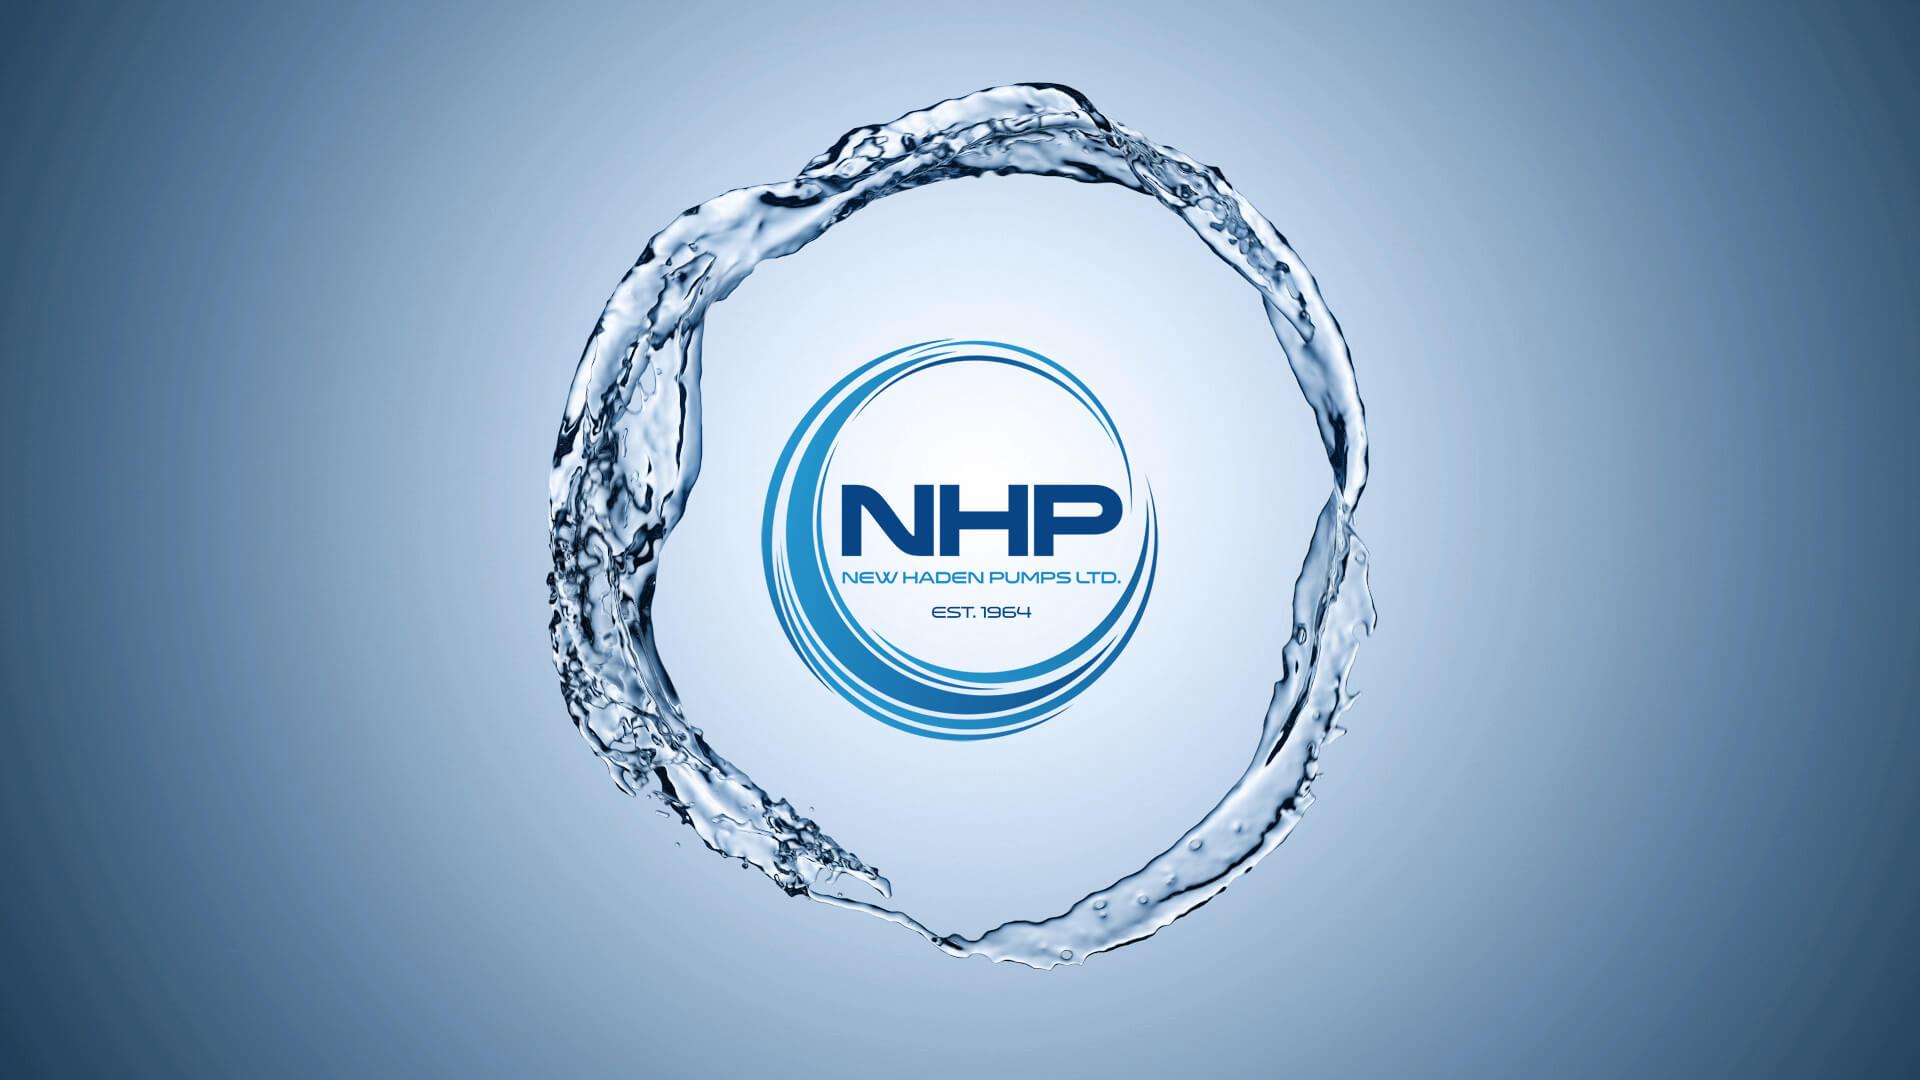 New Haden Pumps Logo in Water Swirl